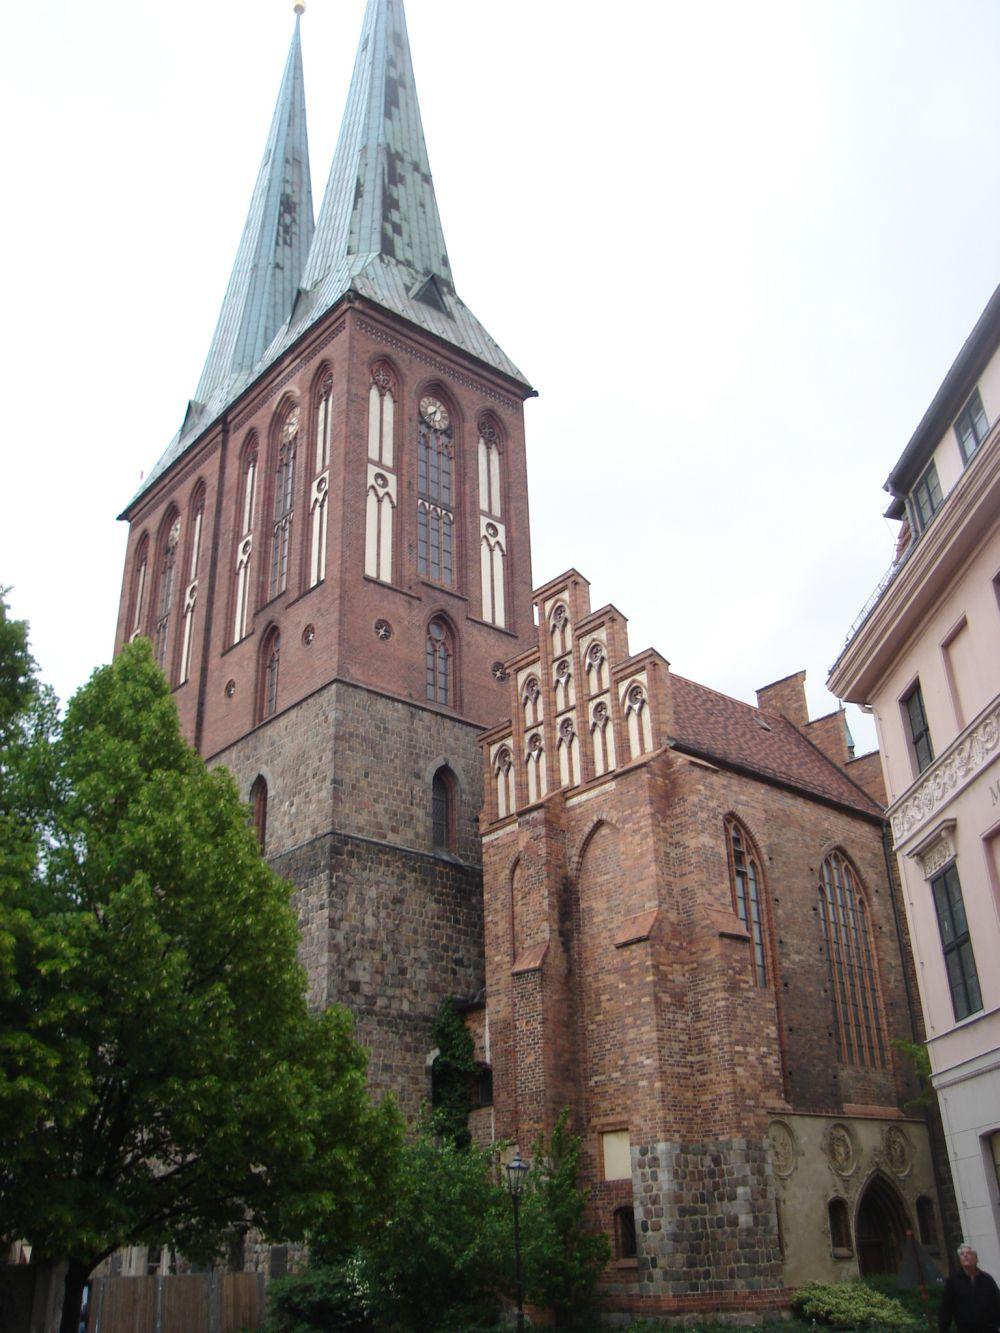 Crkva sv. Nikole u Nikolaiviertel